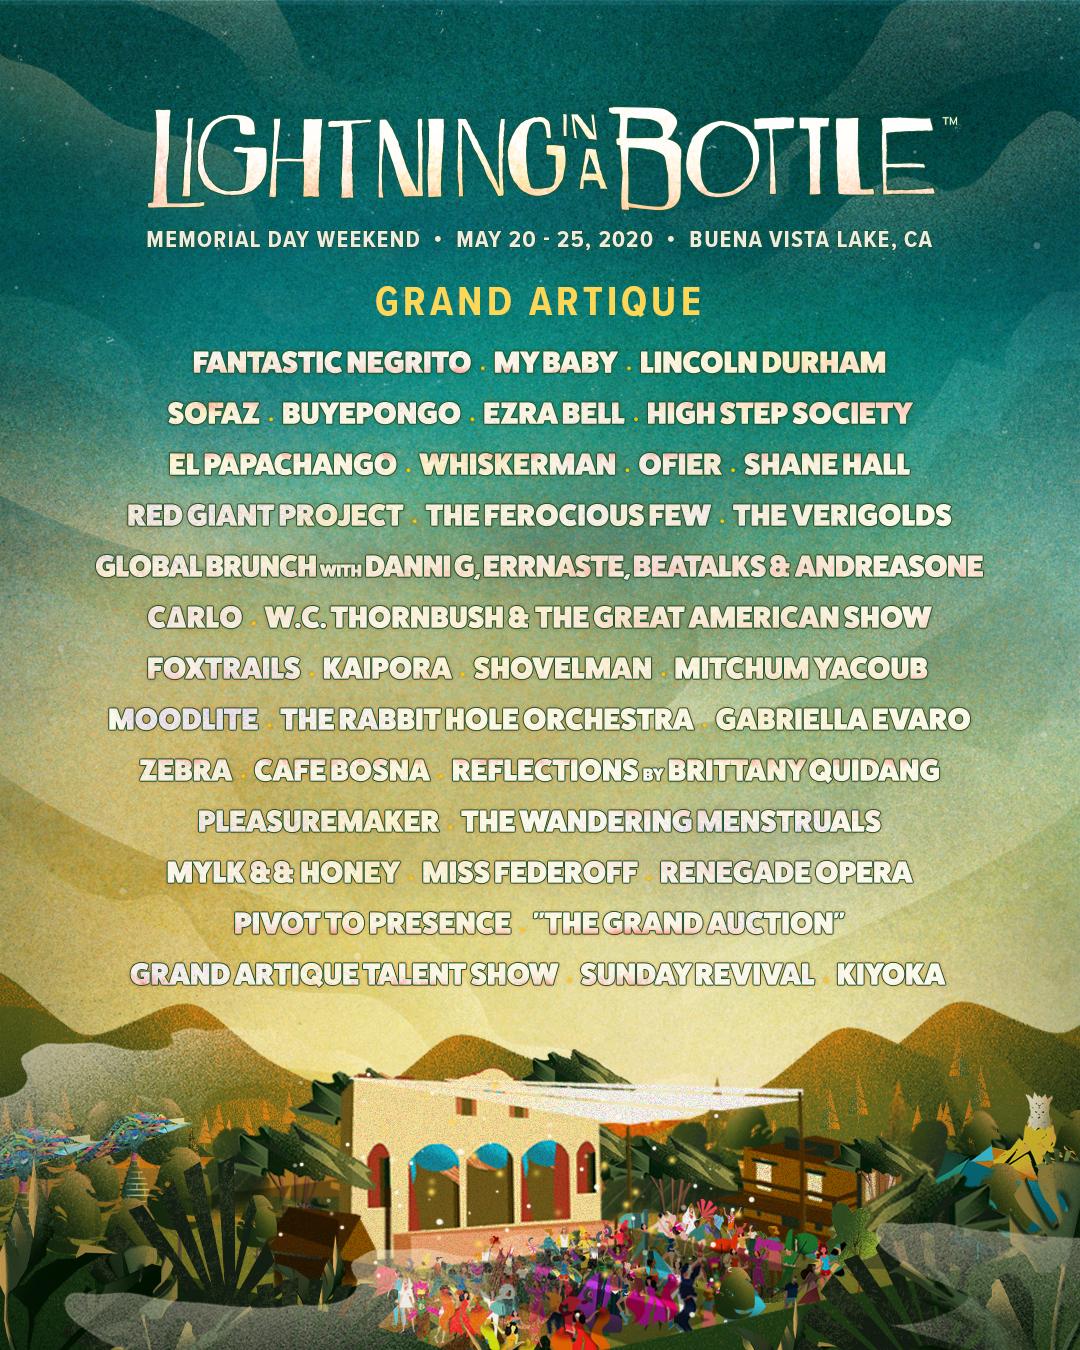 Lightning in a Bottle 2020 - Grand Artique Lineup